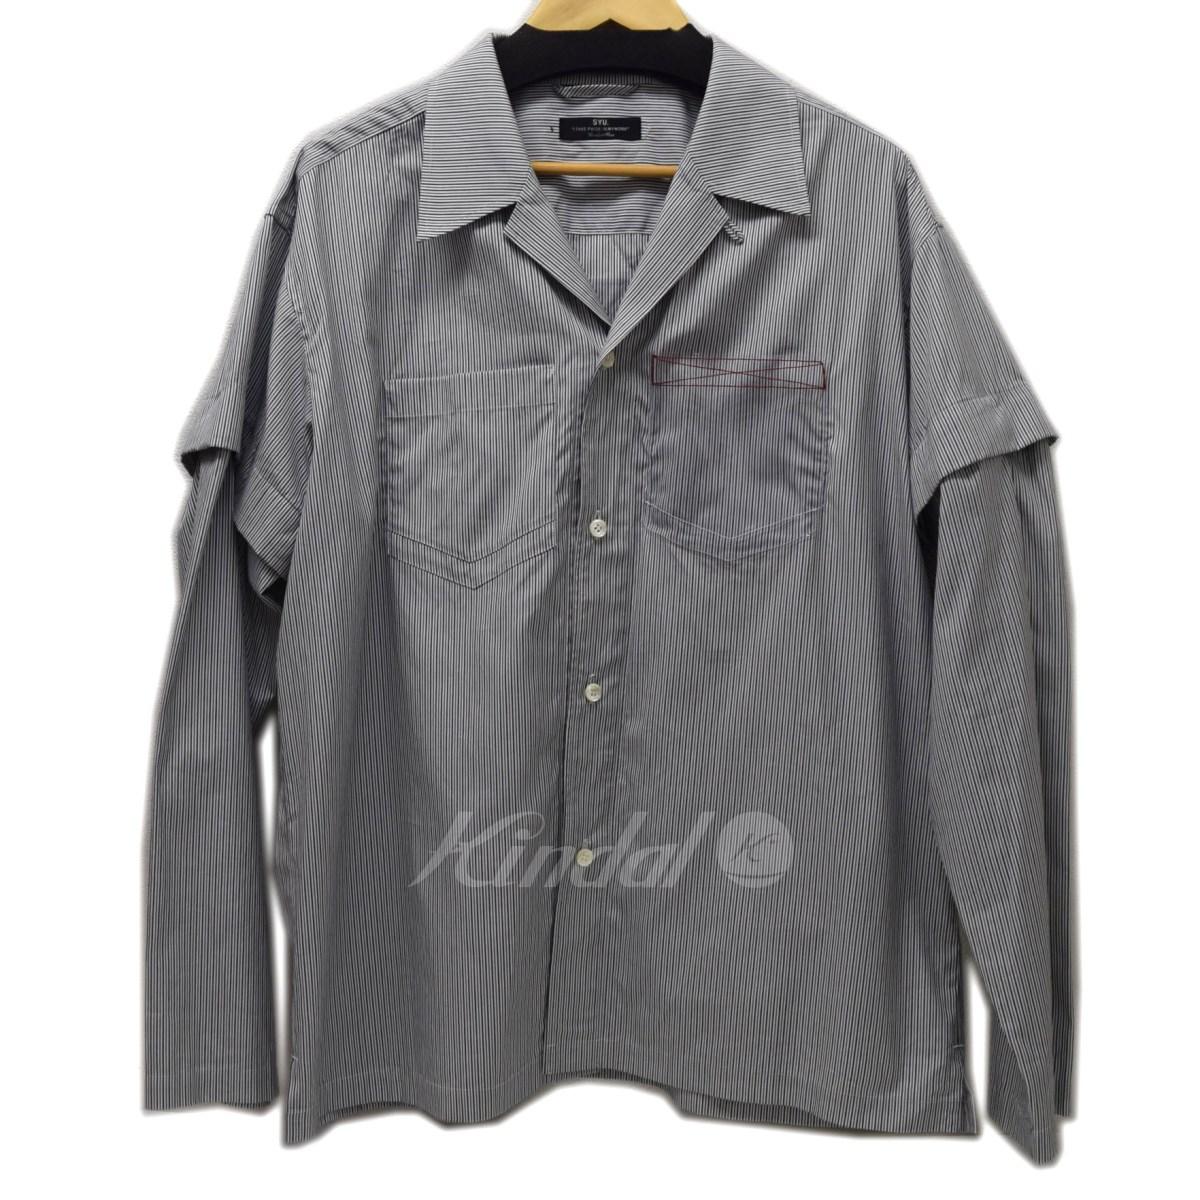 【4月18日 お値段見直しました】【中古】SYU.2WAY OPENCOLLER SHIRT オープンカラーシャツ ブラックXホワイト サイズ:2